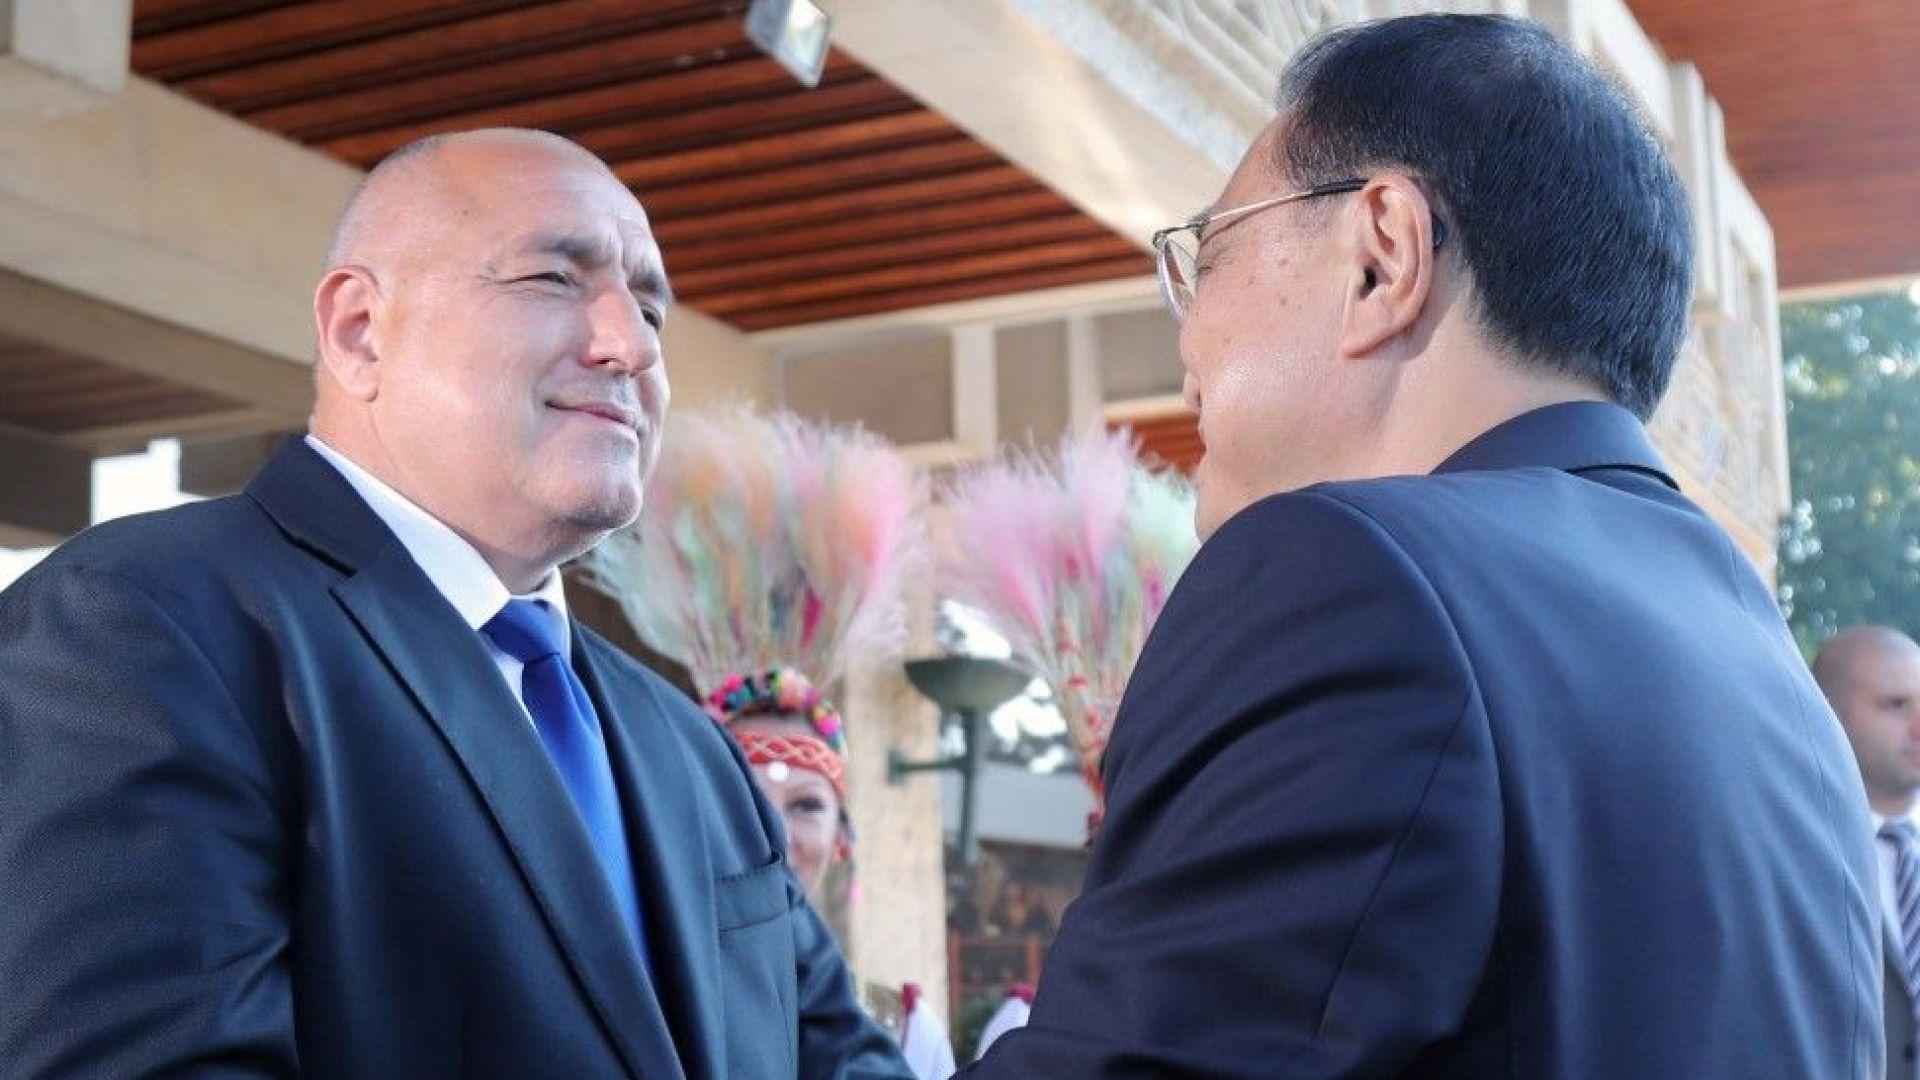 Златен шанс: 700 китайски бизнесмени пристигат в България